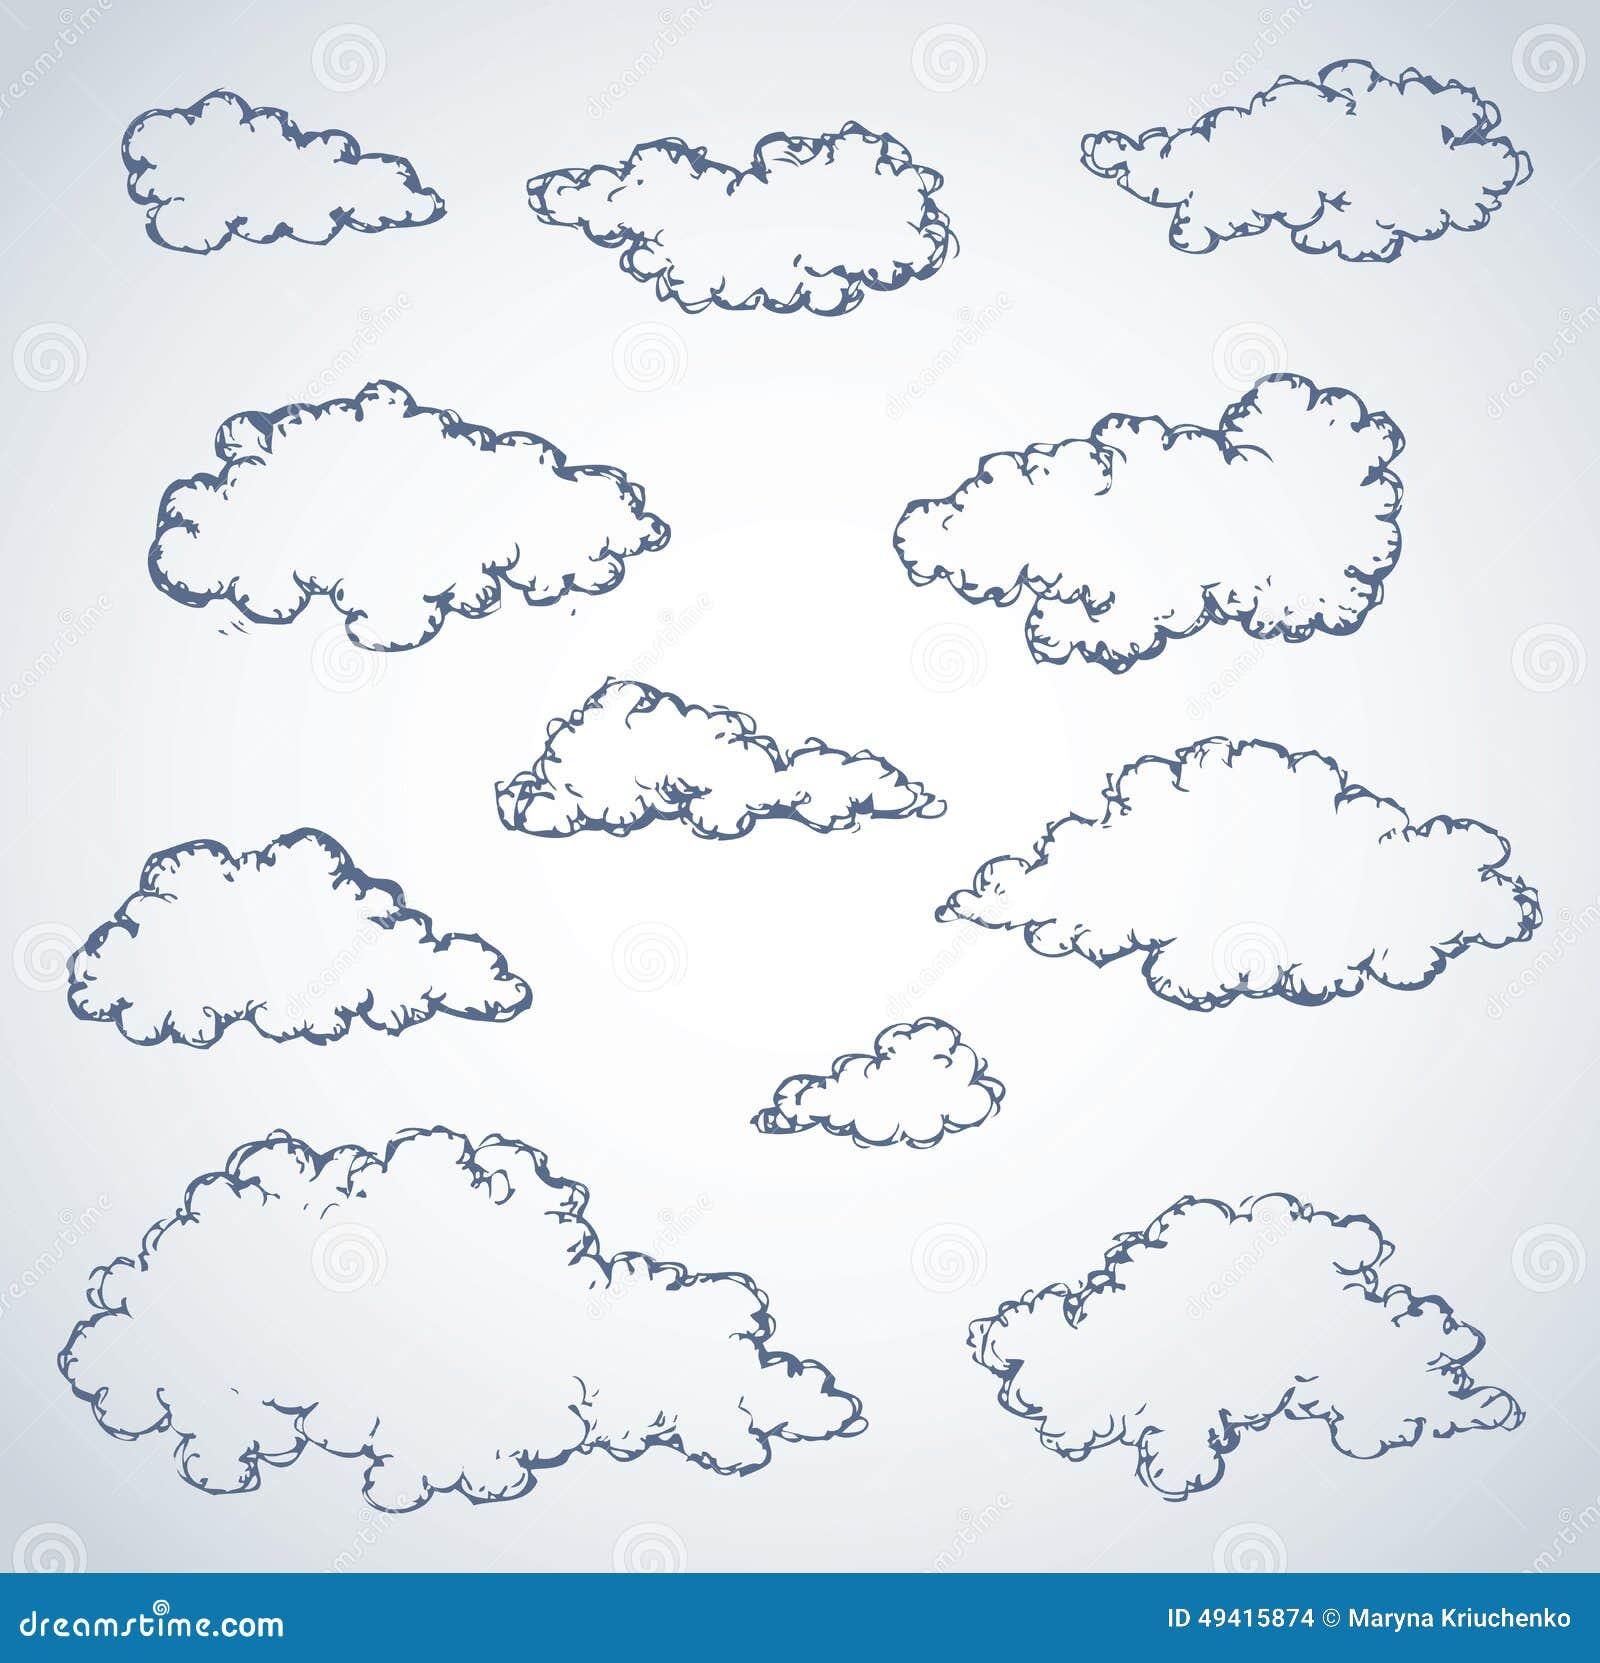 Download Vektorhandzeichen Wolken vektor abbildung. Illustration von bewölkt - 49415874